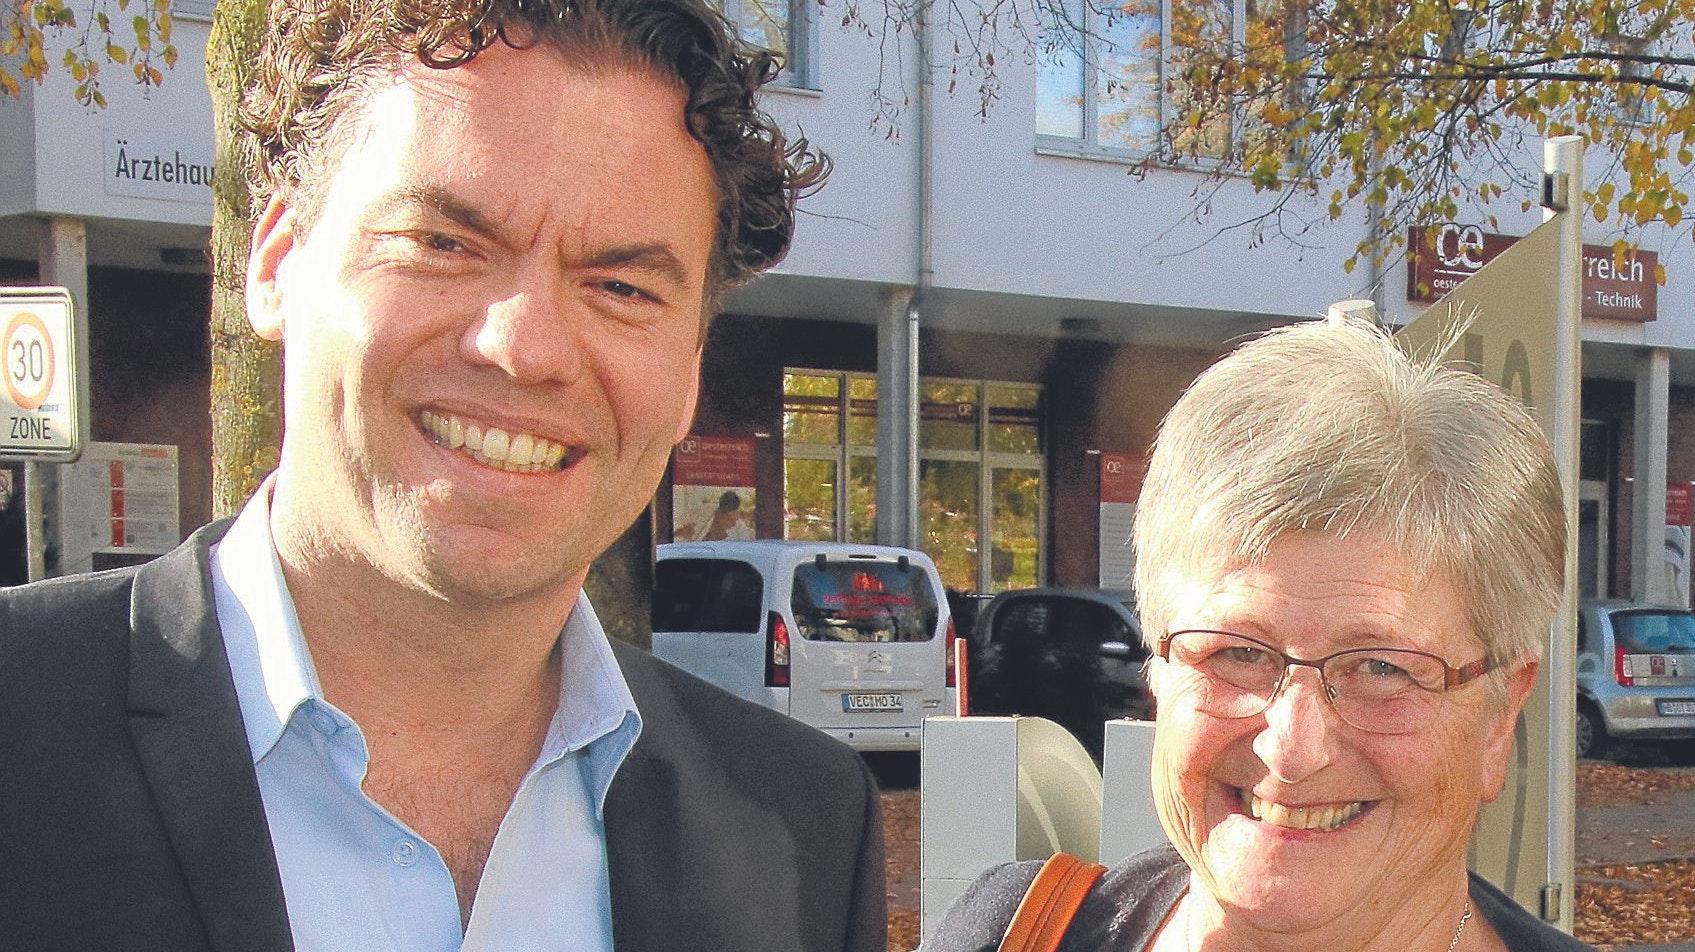 """Hohe Anerkennung: Professor Dr. Christian Hackenberger, hier mit seiner ehemaligen Lehrerin Sigrid Litzenburger, gehörte zu den 10 Wissenschaftlern, die mit dem Preis """"Durchbruch des Jahres"""" ausgezeichnet worden sind. Foto: Lammert"""